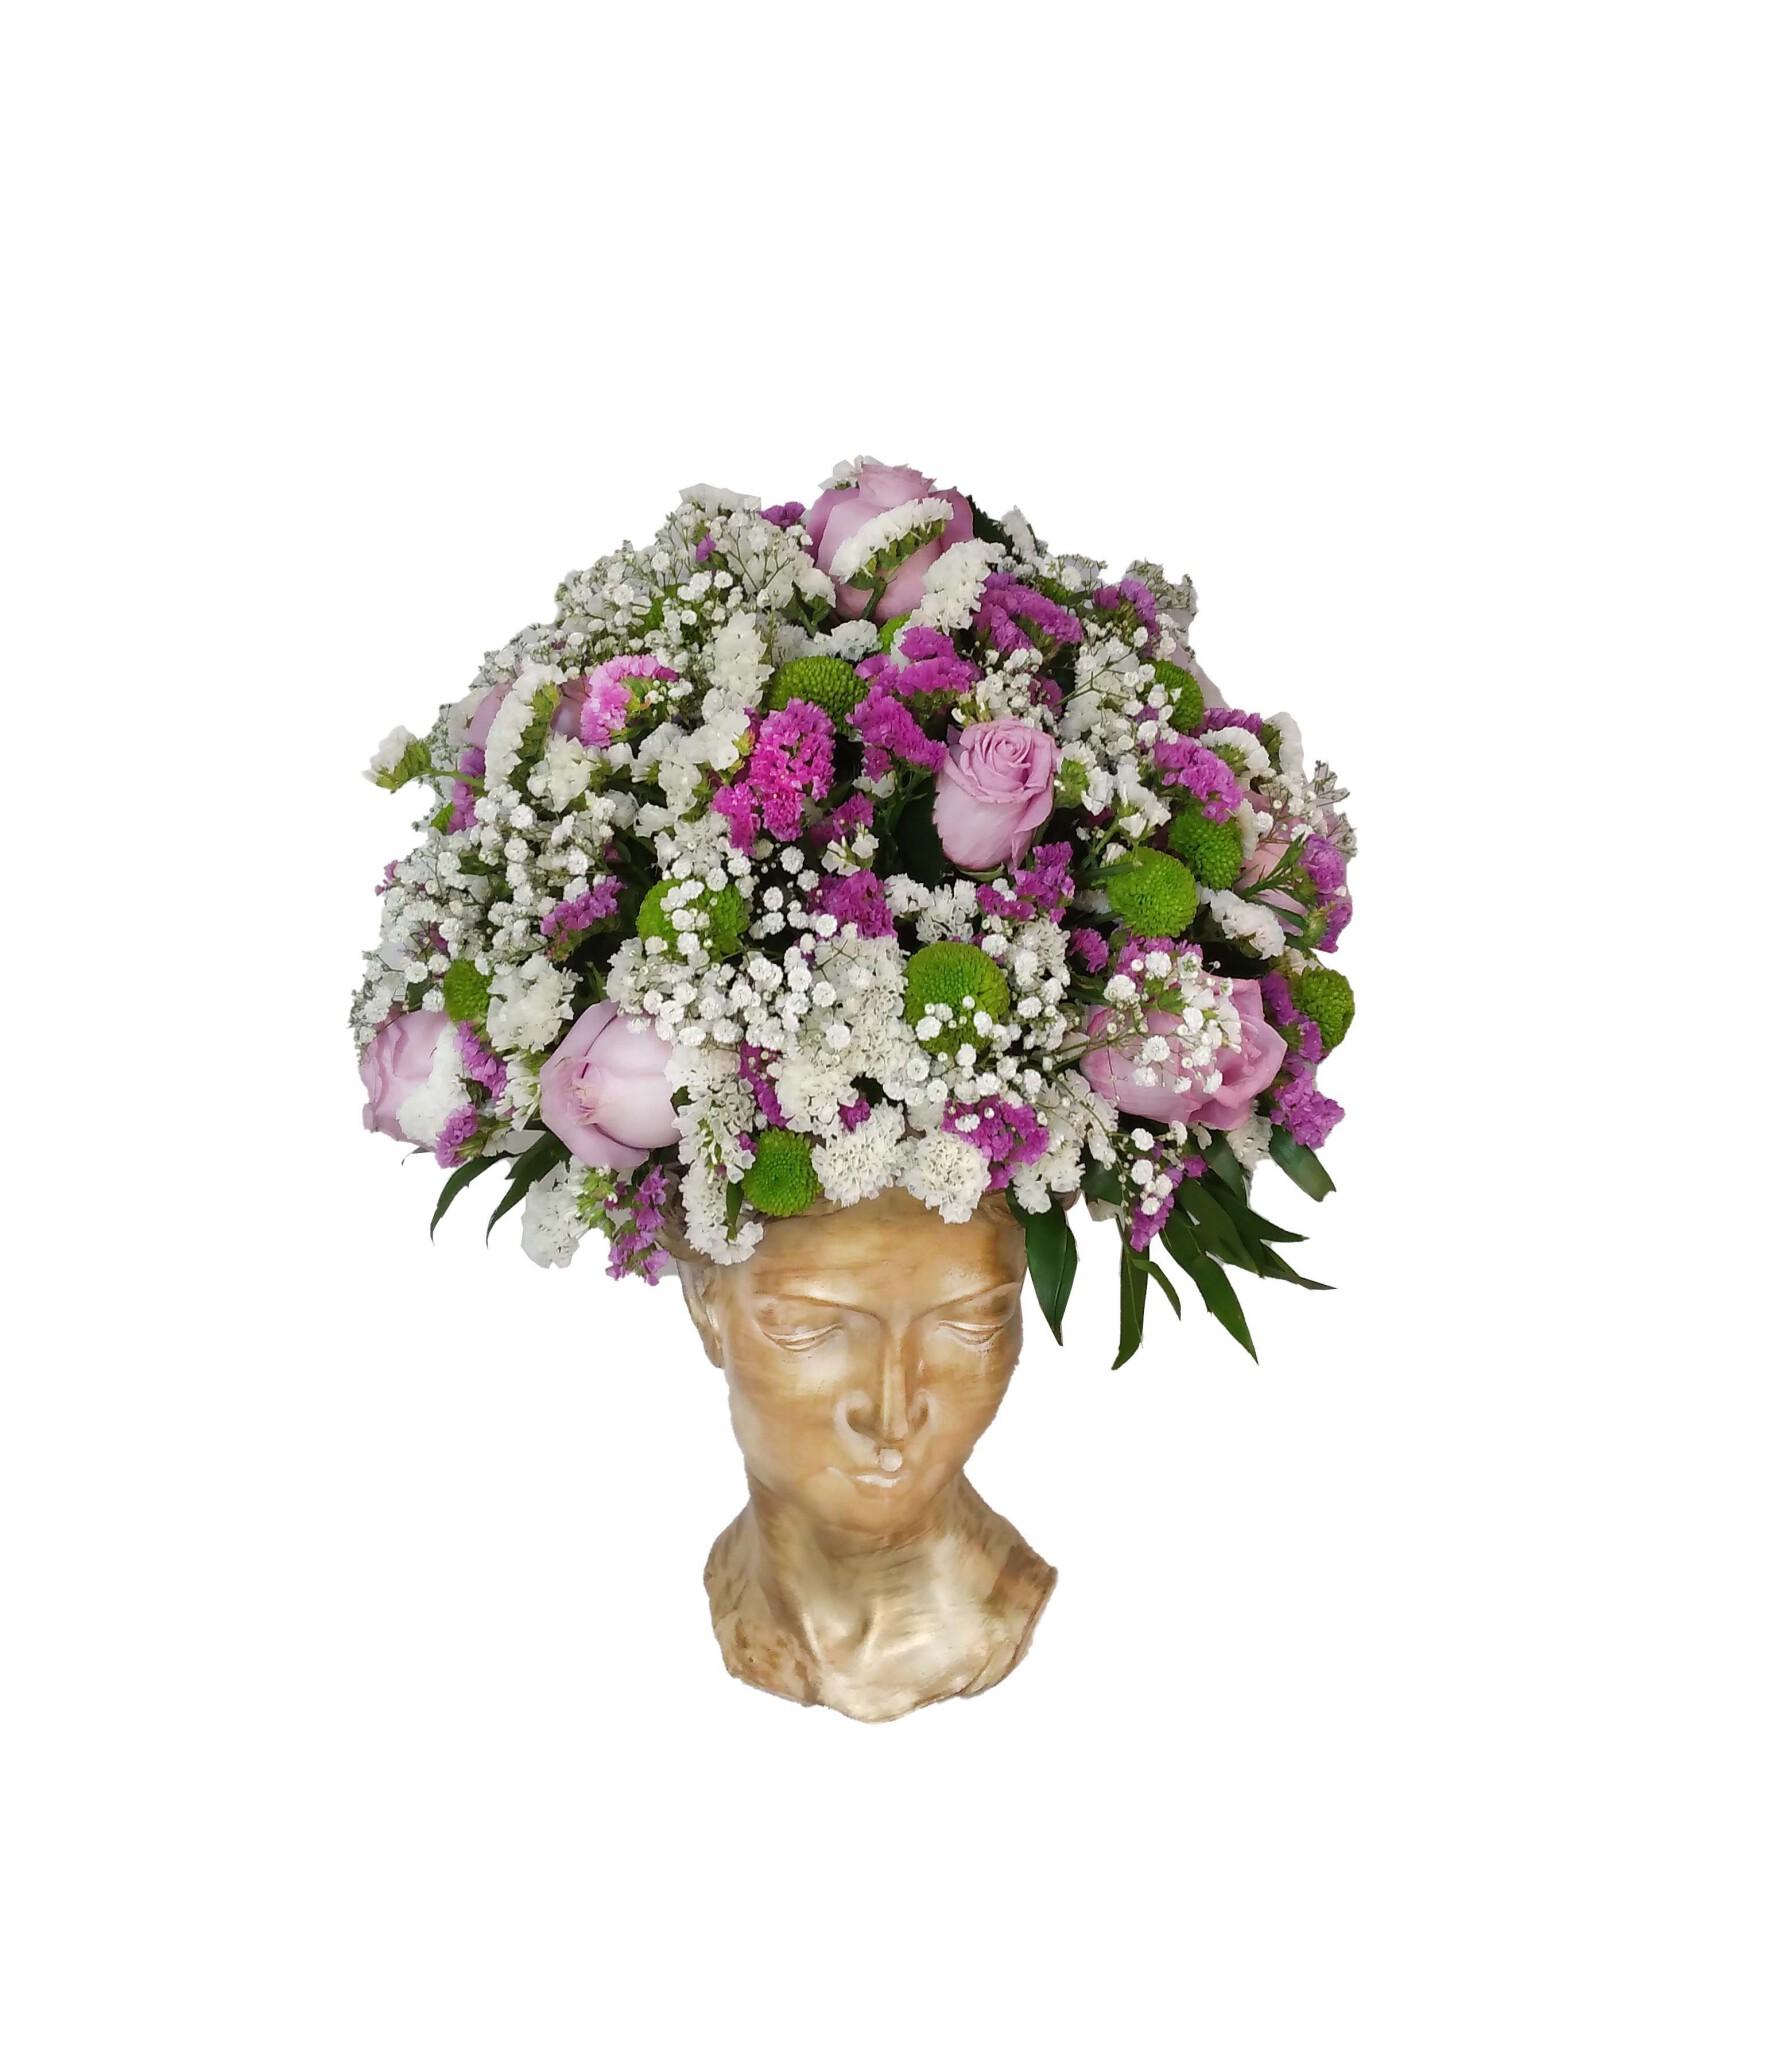 خرید و قیمت باکس گل الهه ناز سفارش باکس گل ارزان باکس گل تندیس زن باکس گل دخترانه خرید باکس گل با ارسال رایگان